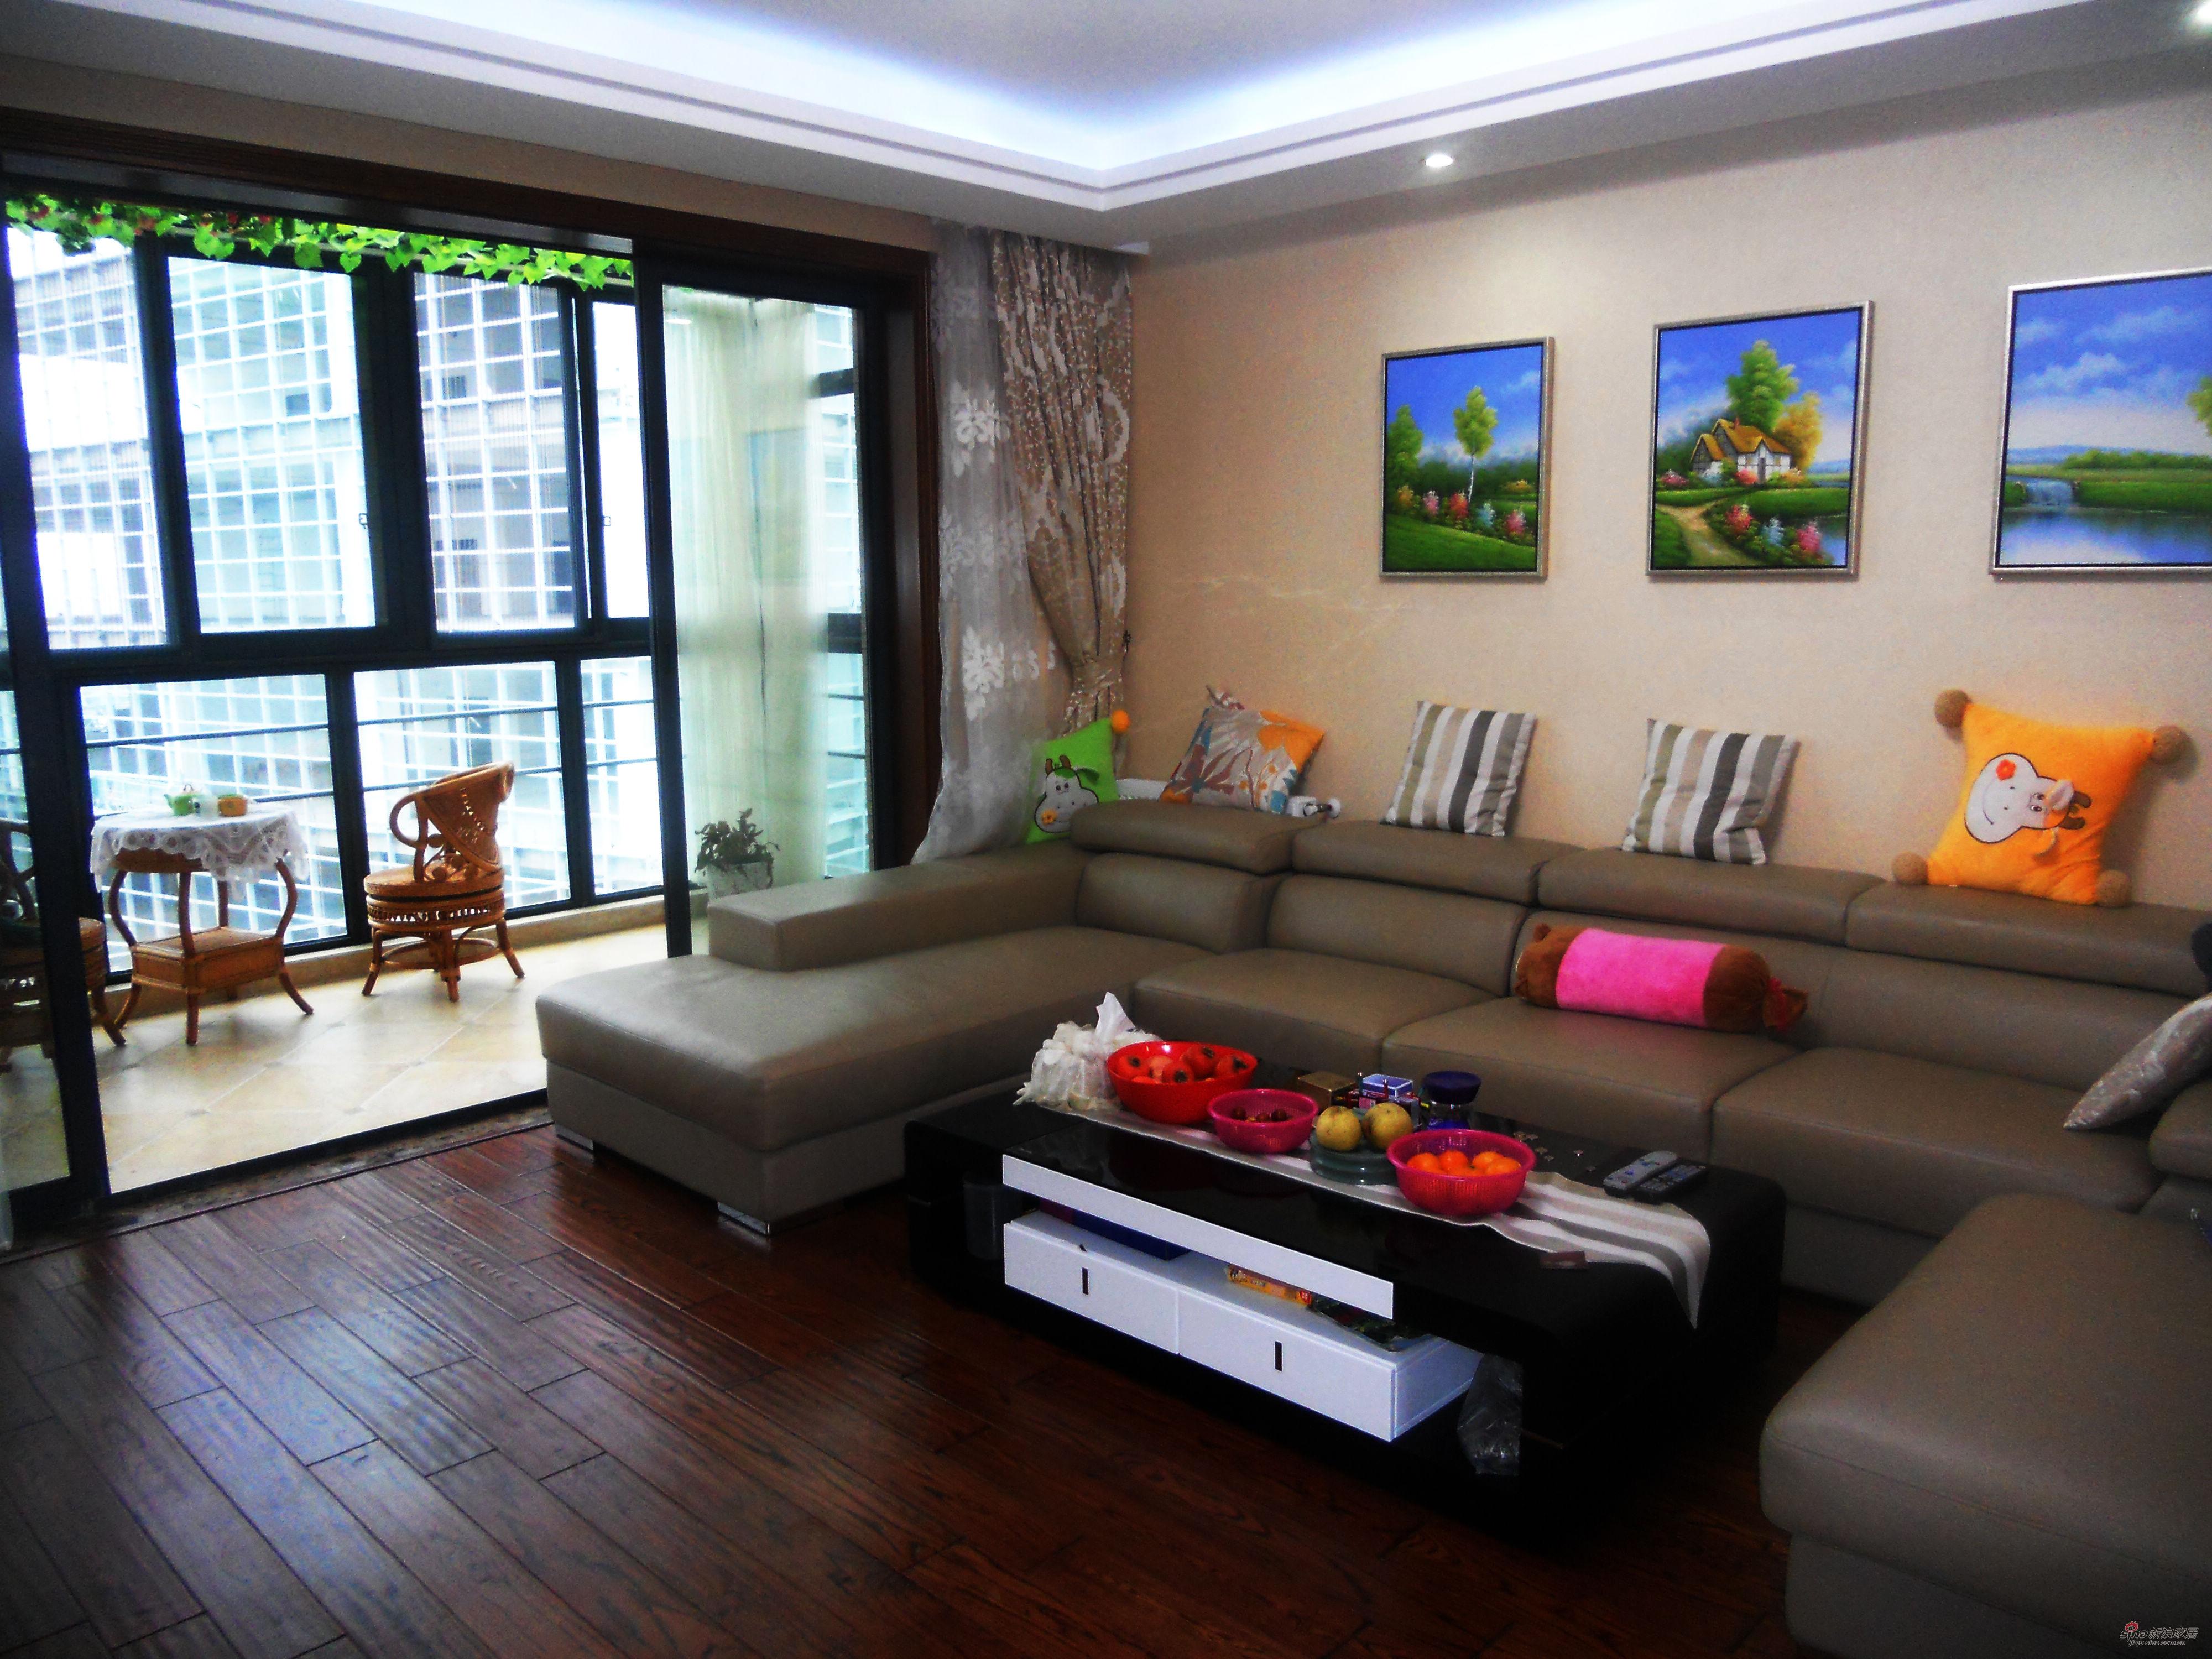 混搭 三居 客厅图片来自用户1907689327在经典生活-150平米完美设计63的分享